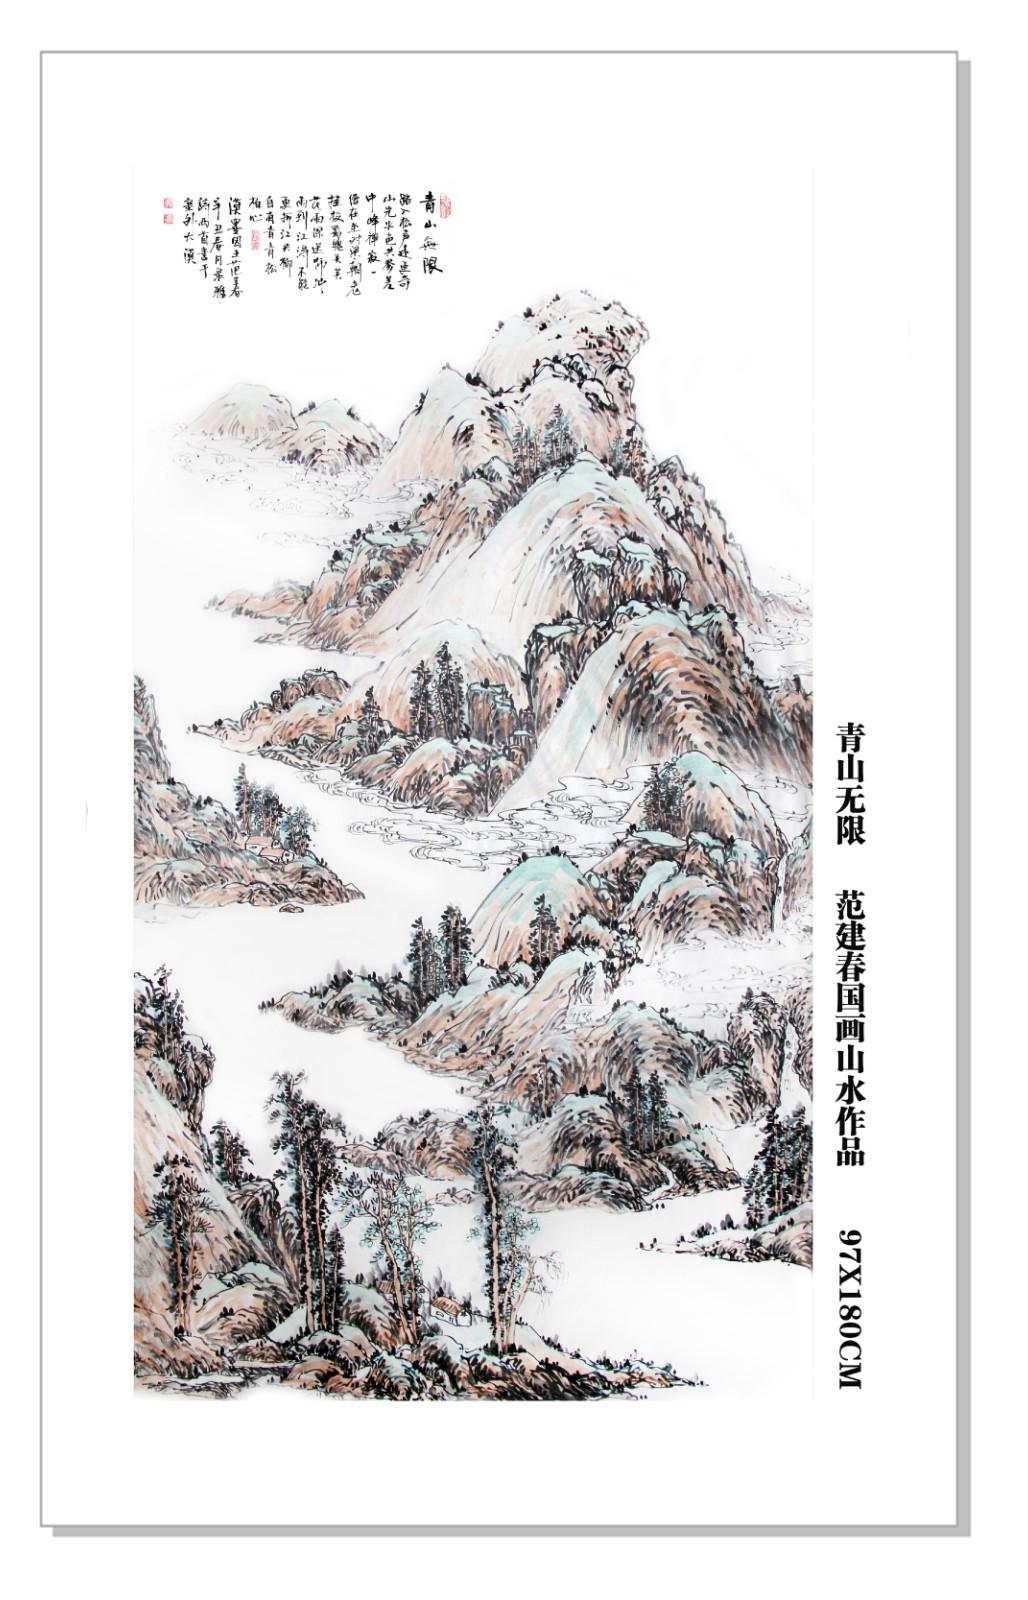 万里江山颂--漠墨园艺术系列活动(第一集)_图1-5